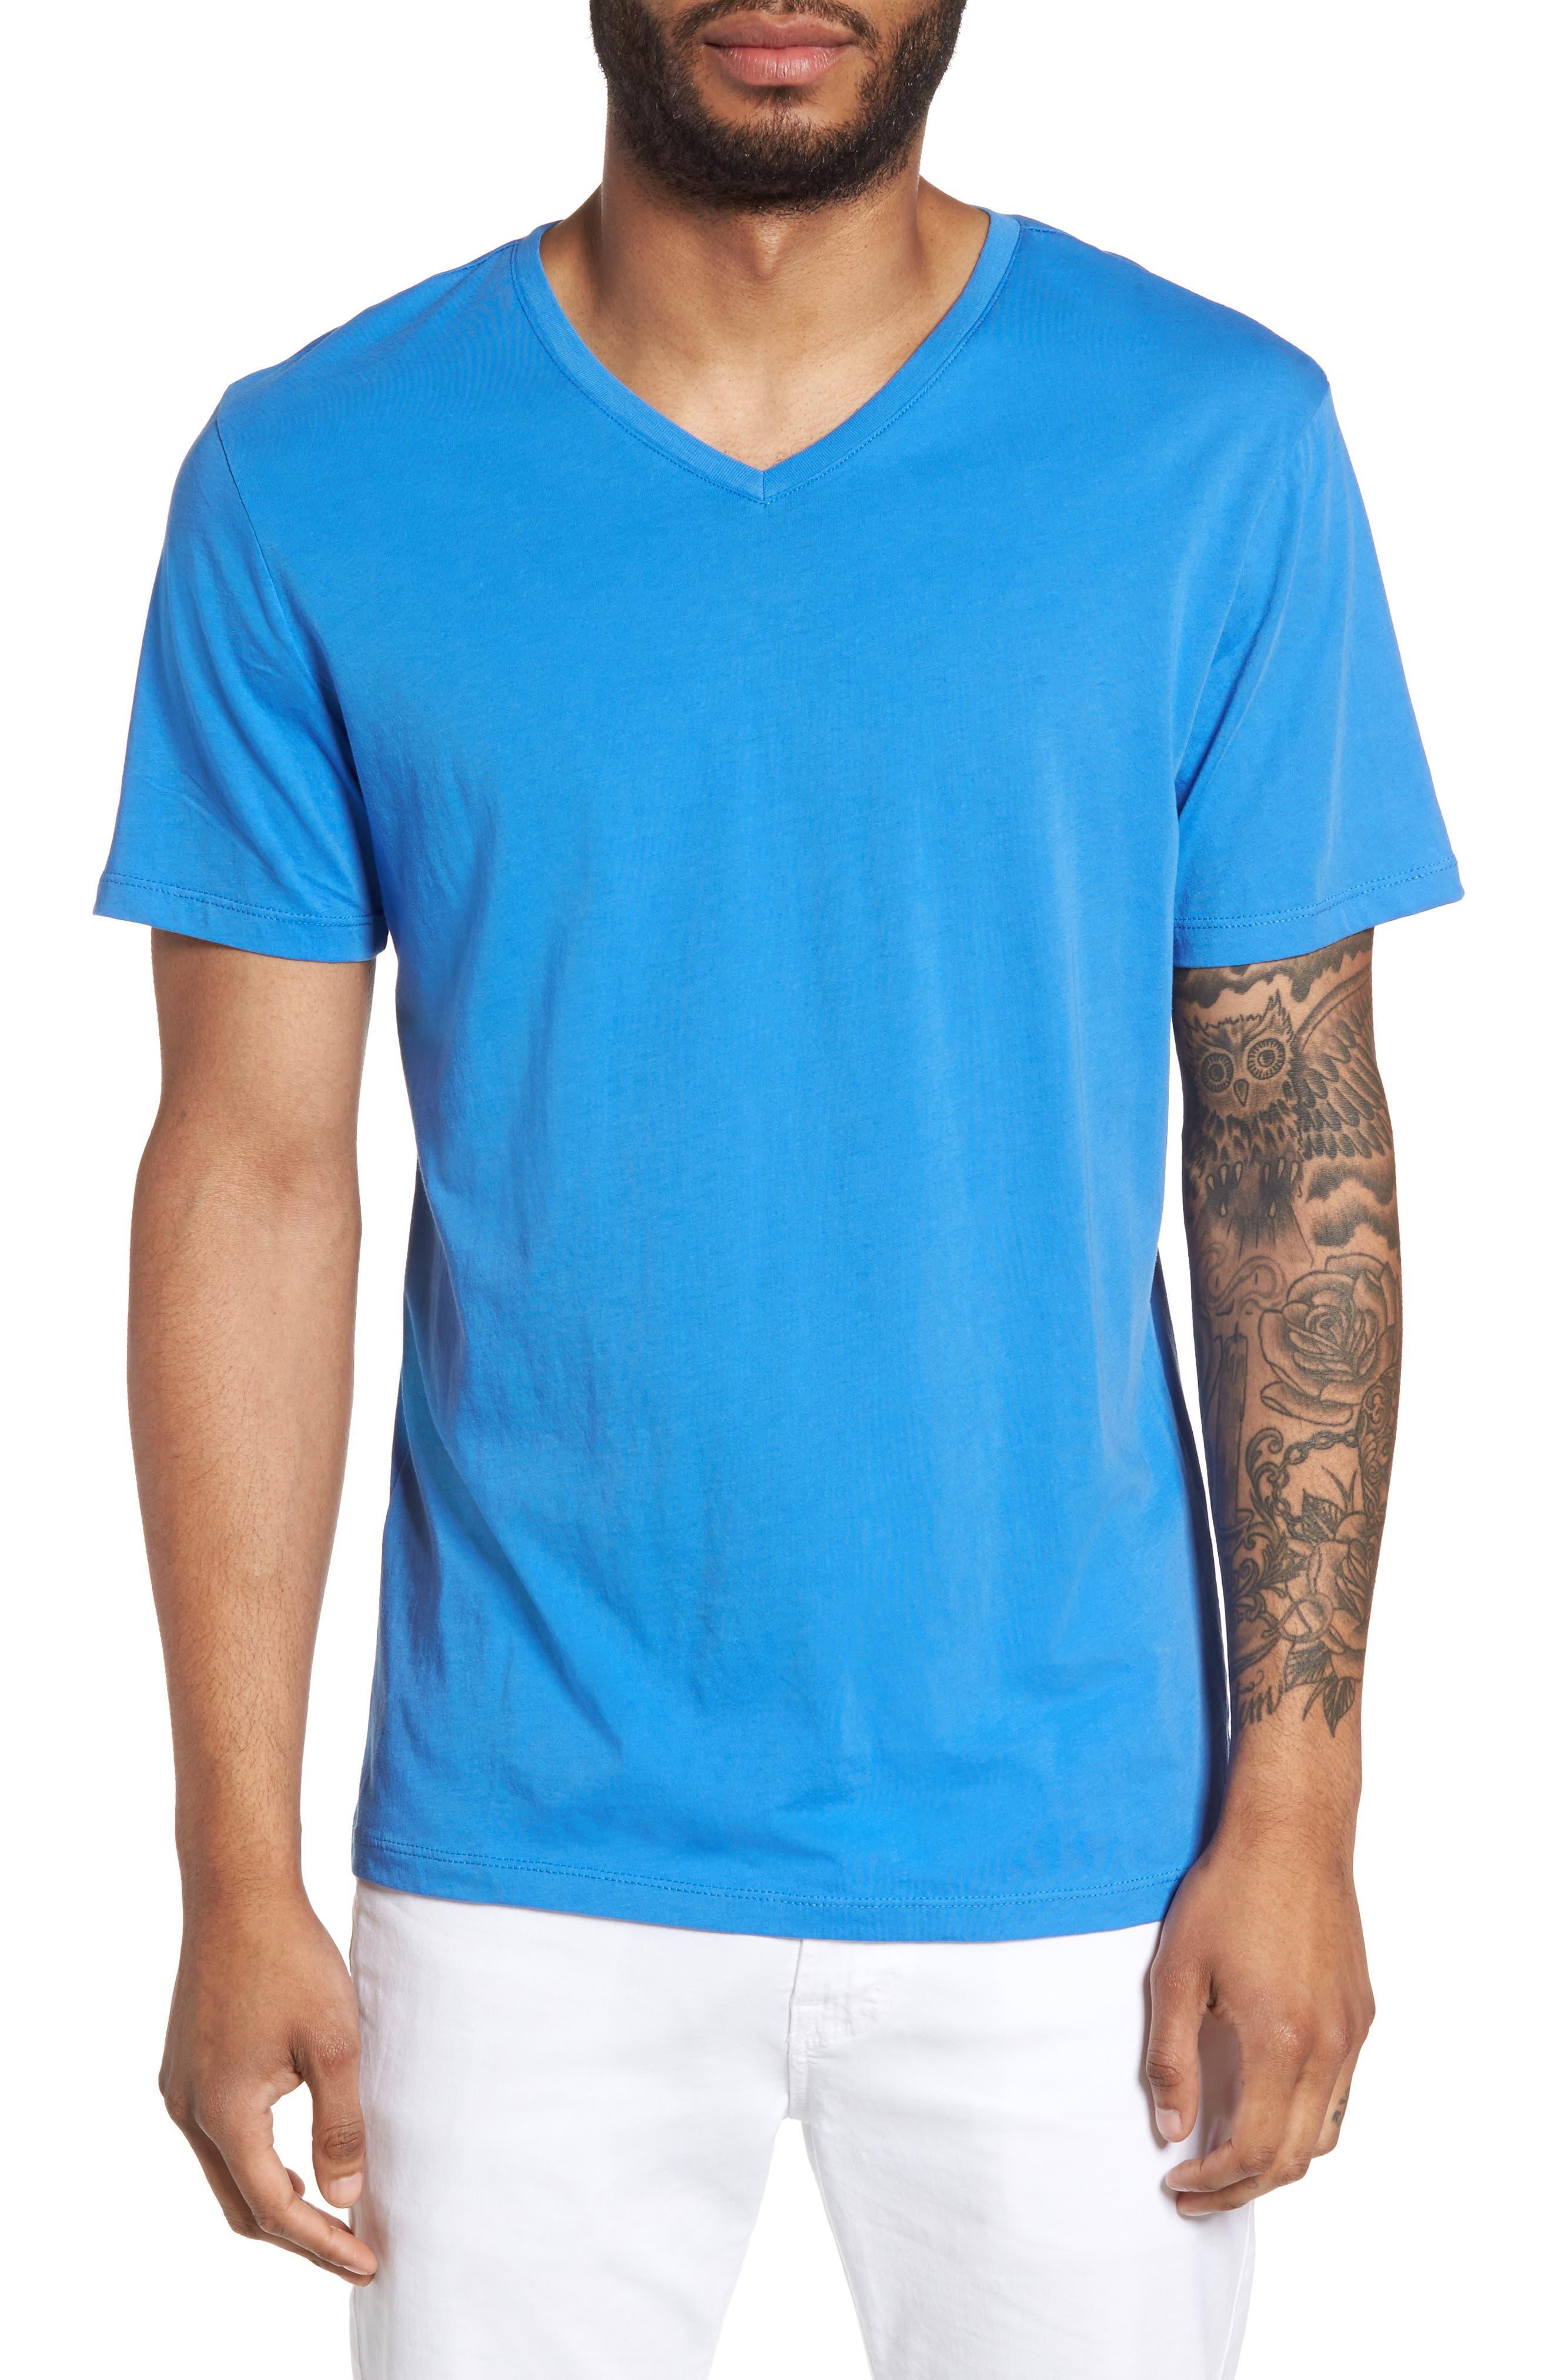 Alternate Image 1 Selected - Slate & Stone Slim V-Neck T-Shirt